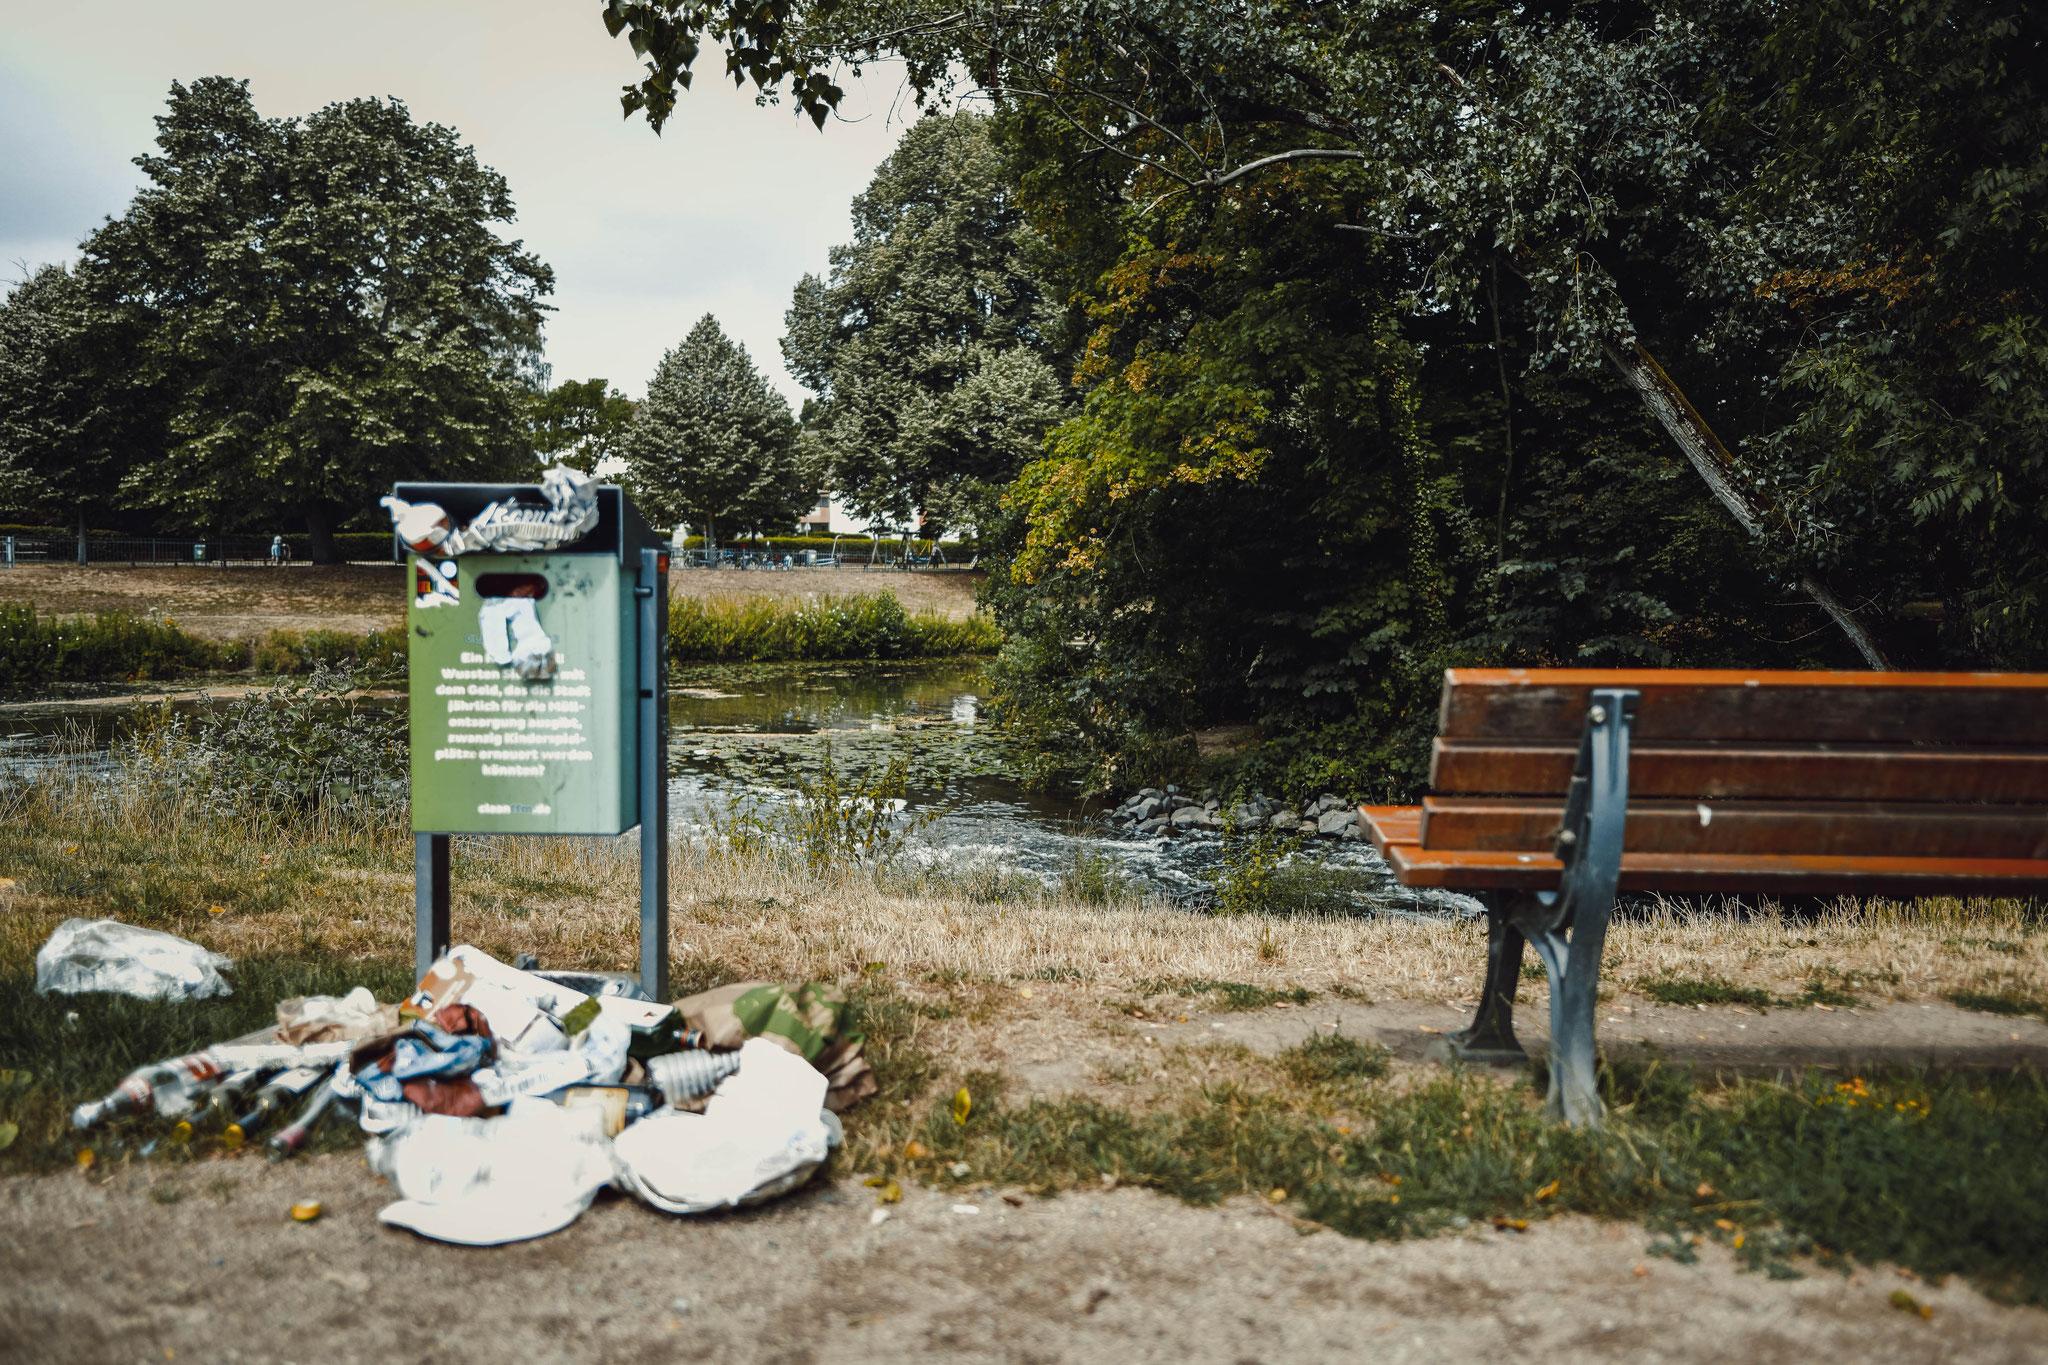 Grauenhafte Zustände in den Parks und auf den Spielplätzen von Frankfurt